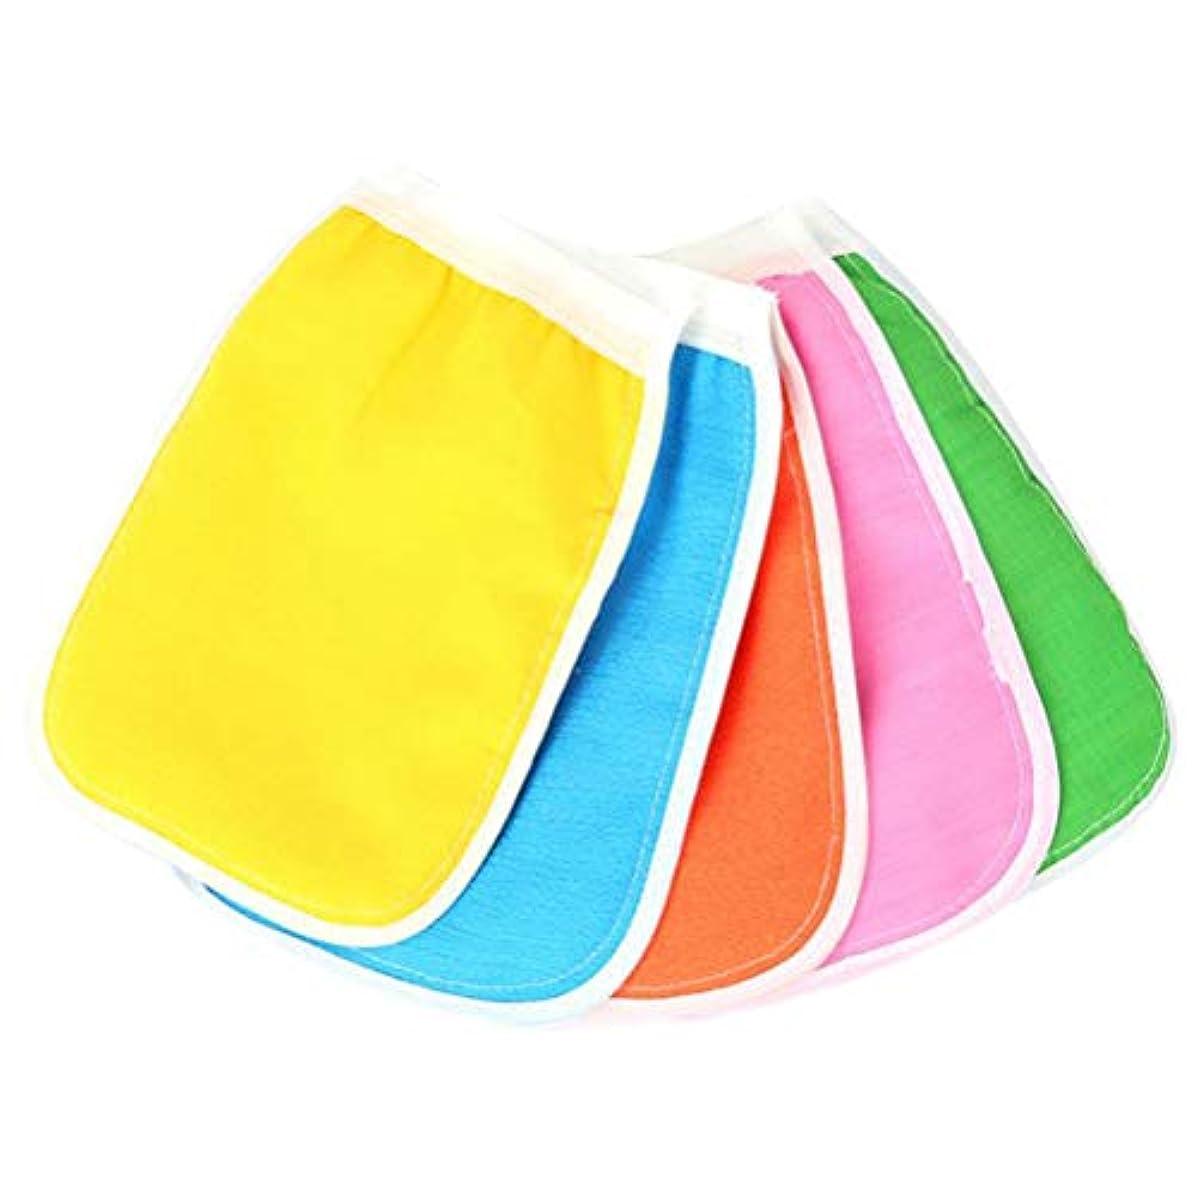 ご近所謝罪する本を読むHEALIFTY ボディスクラブミトン手袋入浴シャワースパ用クレンジングツール(混色)のための5本の剥離手袋